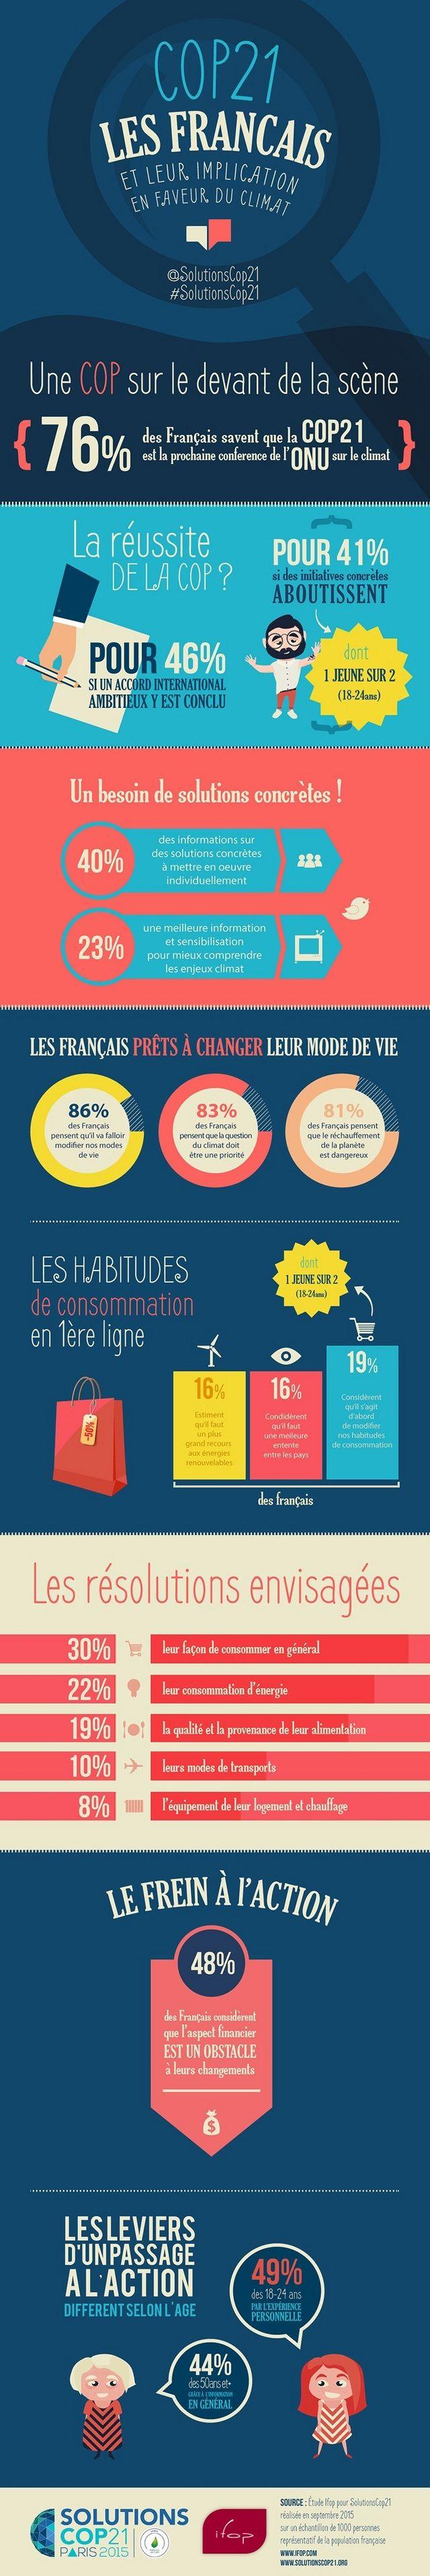 #Comment les Français perçoivent la COP21 ? - Etude Marketing - l'ADN #infographie